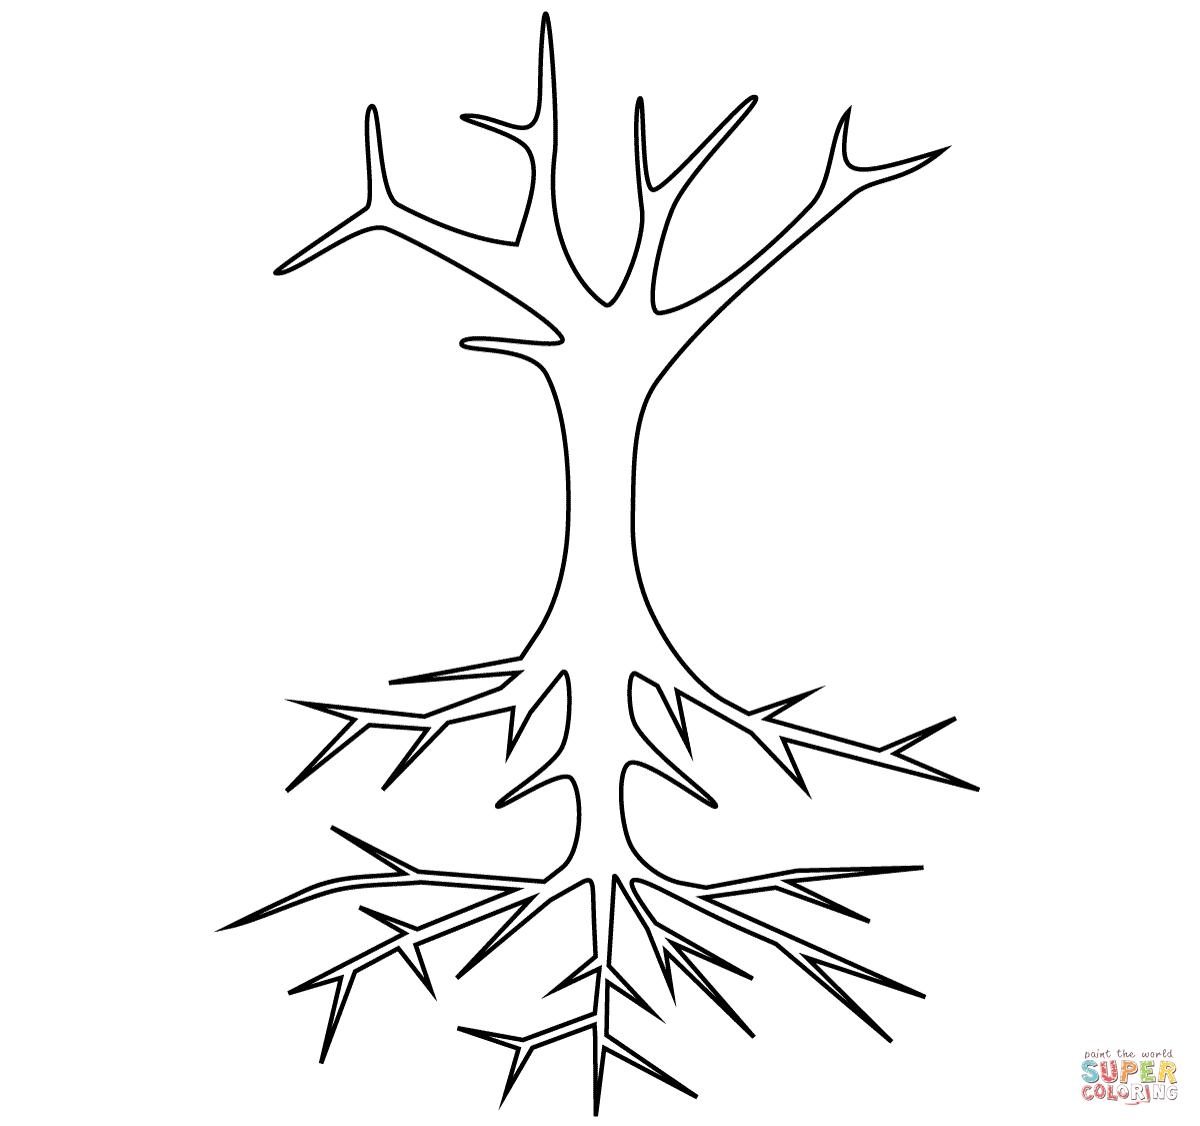 wiringpisetup ohne root